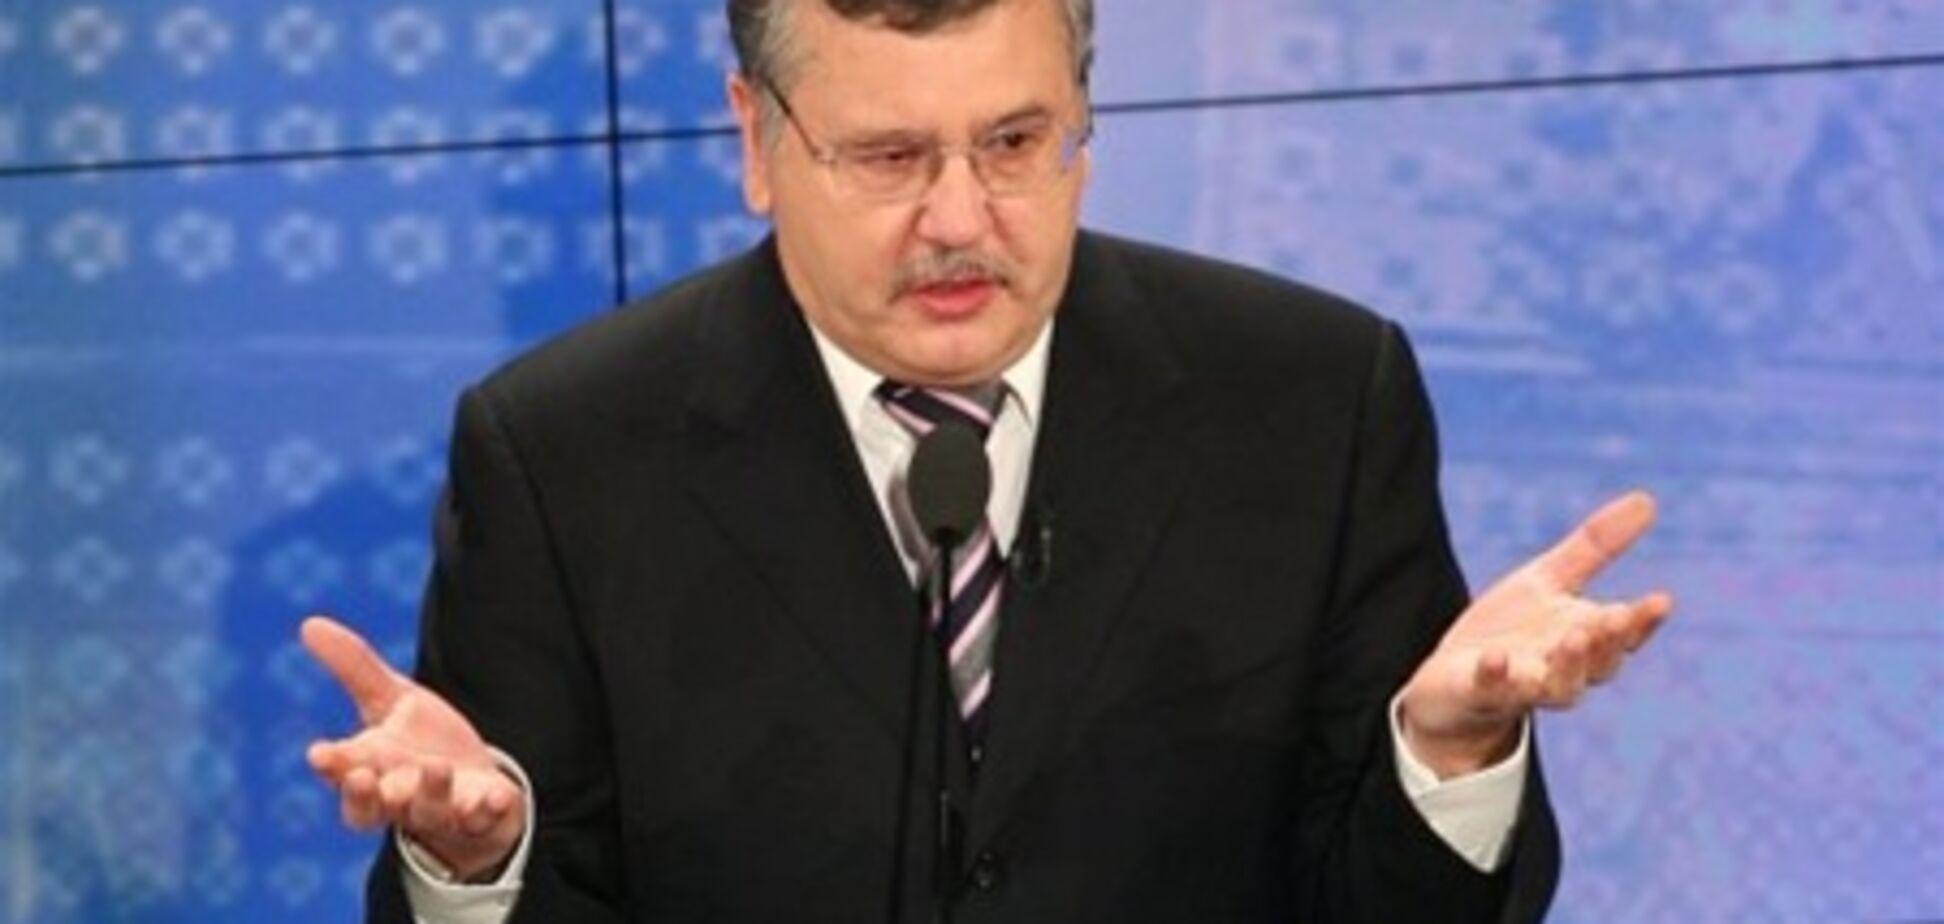 Гриценко заявил: у Литвина нет чести и достоинства